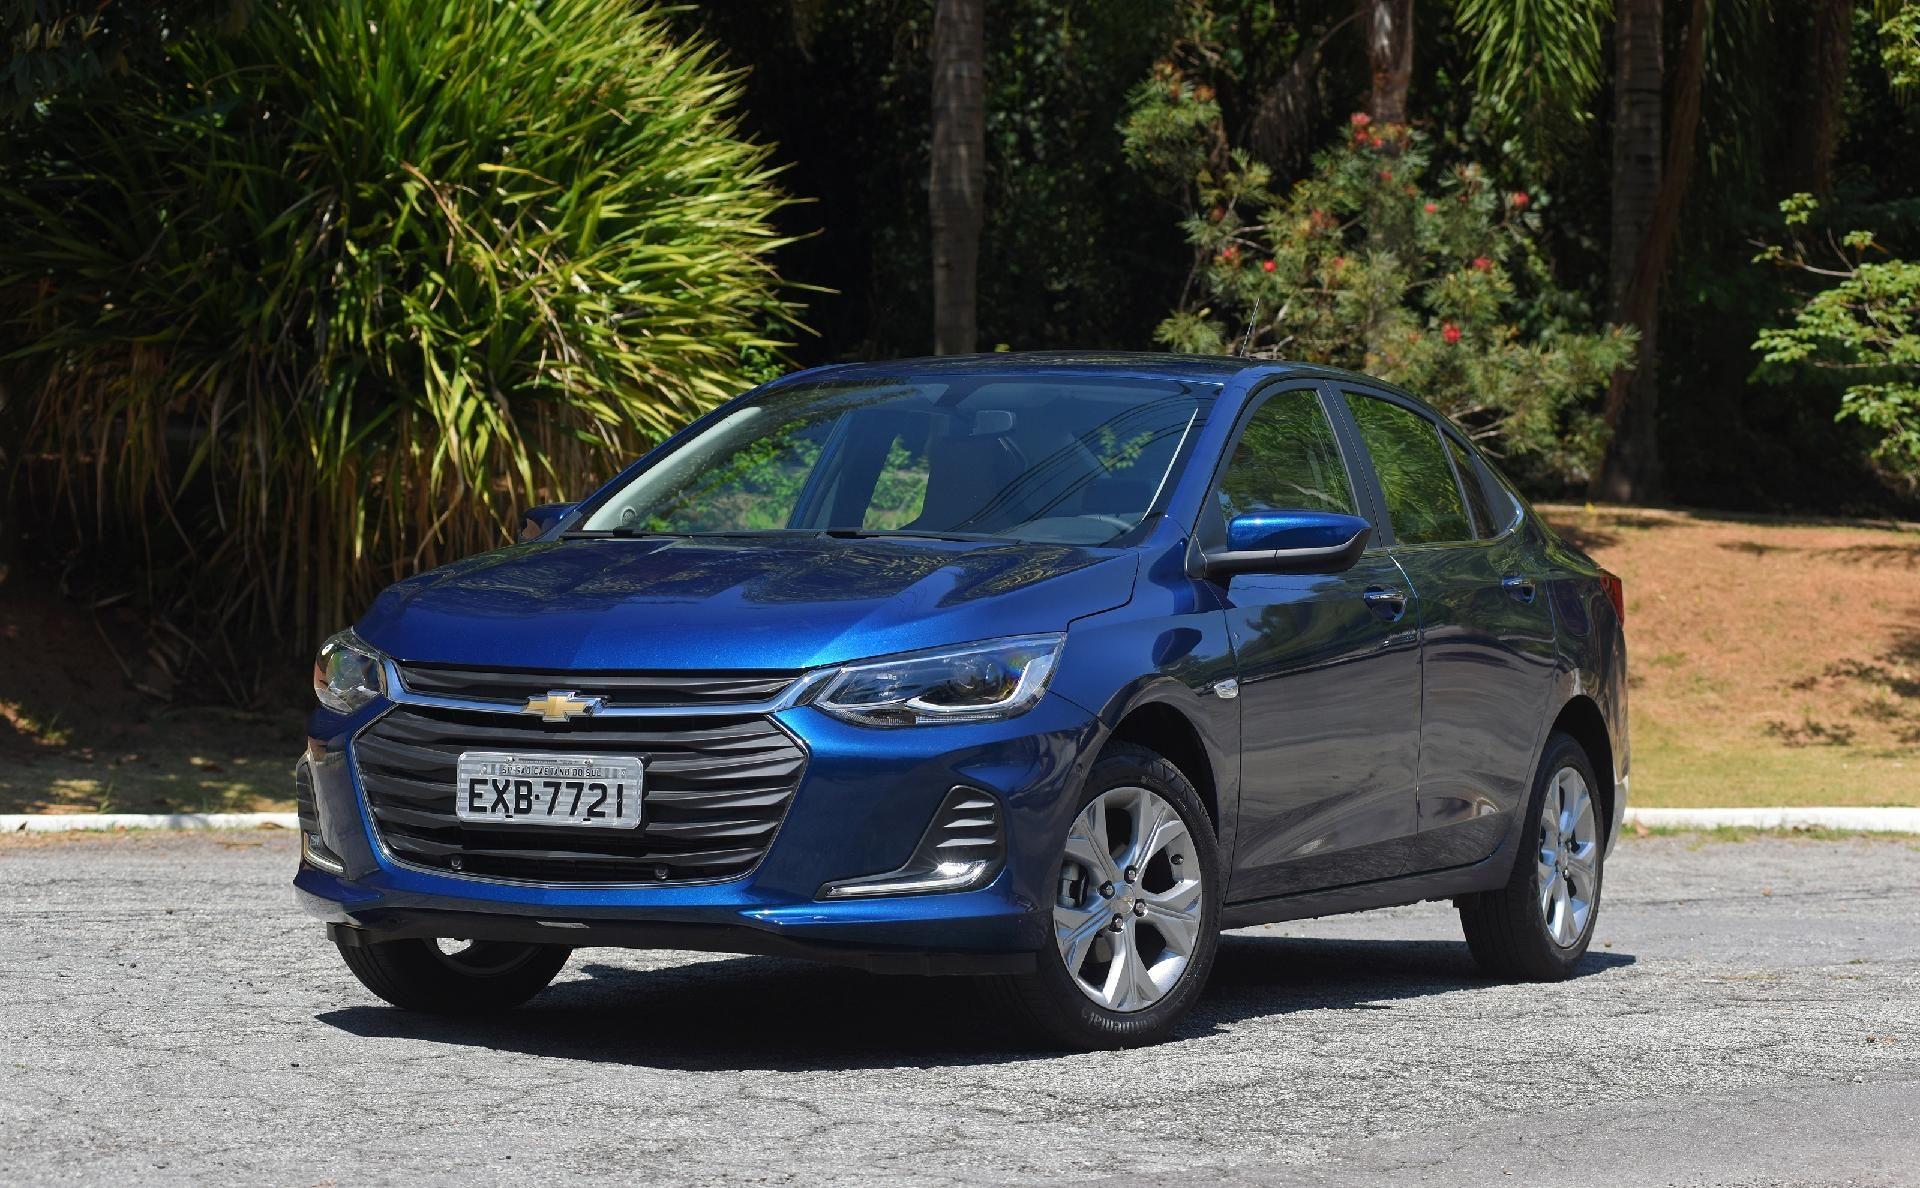 Chevrolet Onix Plus Premier Novo Seda Traz Motor 1 0 Turbo E Bom Conteudo Em 2020 Carro Mais Vendido Motor Fotos De Carros